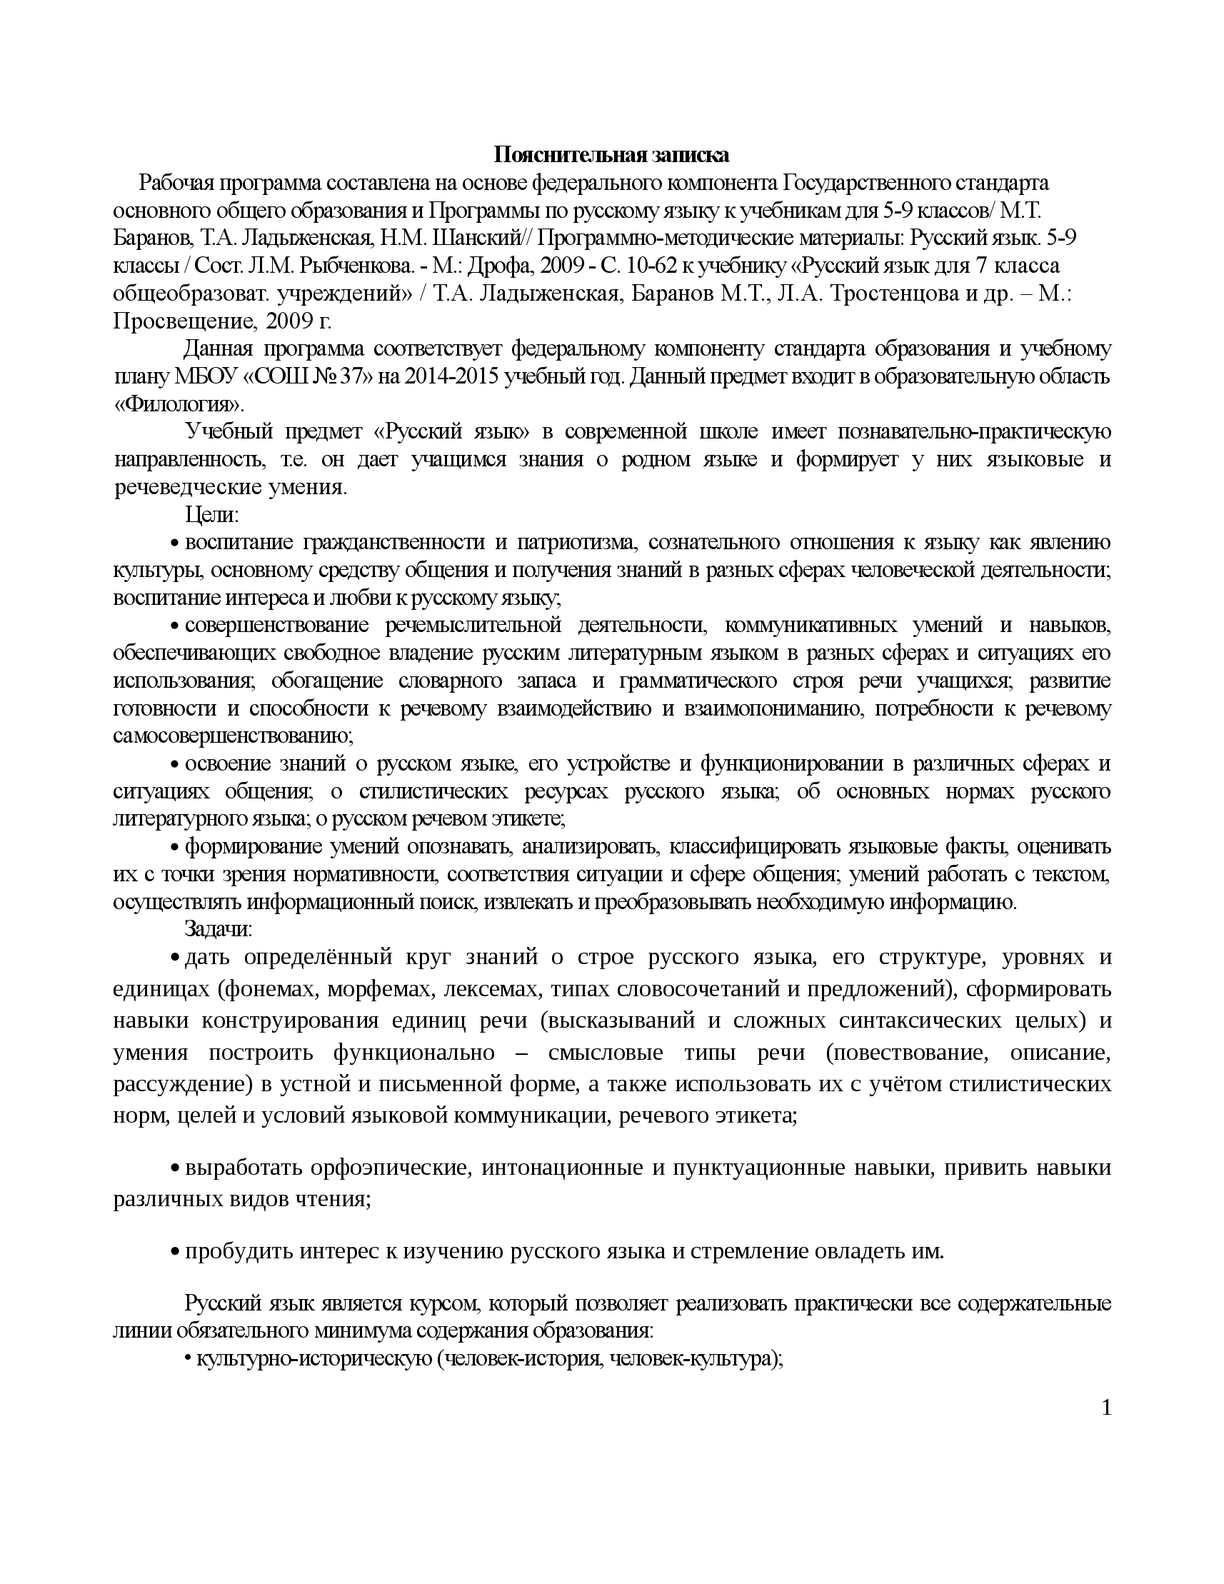 Контрольный диктант по русскому языку 7 класс по теме деепричастие